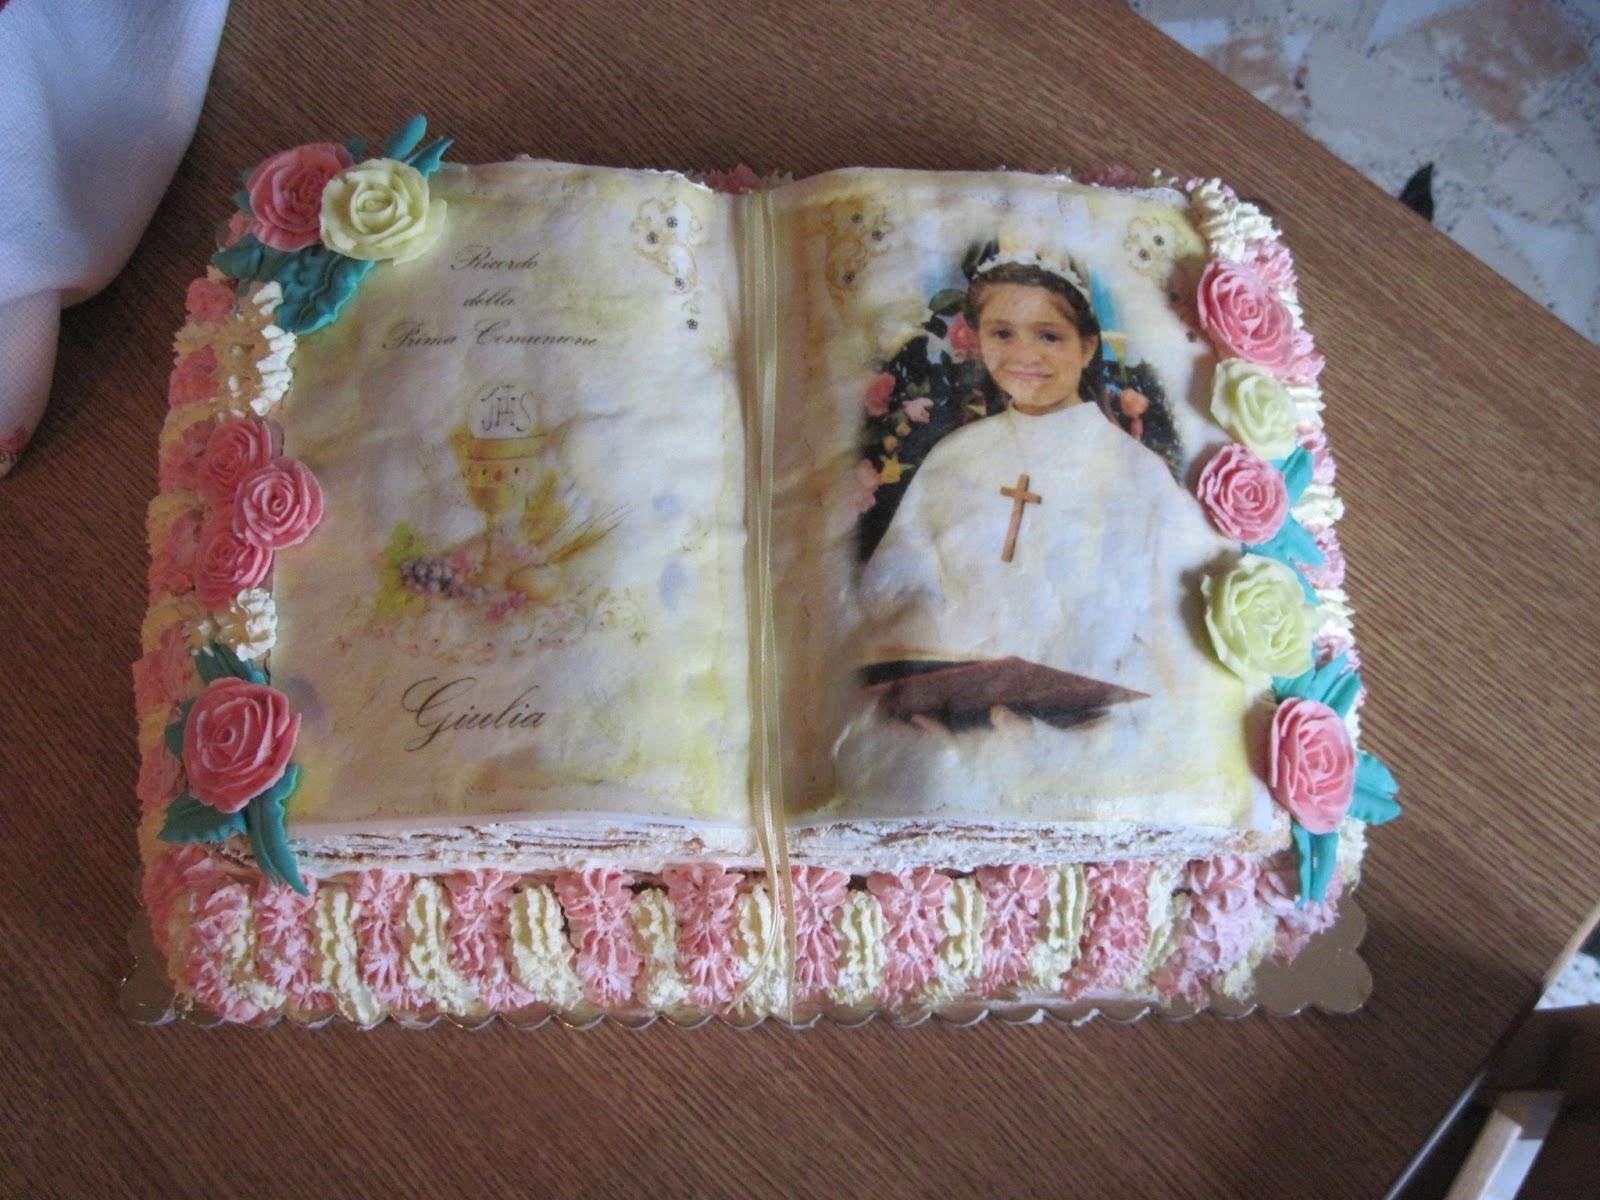 http://1.bp.blogspot.com/-AF0-dqj3_2k/UUZL51oVh9I/AAAAAAAAARw/GcfVQ1KK890/s1600/torta%20prima%20comunione%20(2).JPG